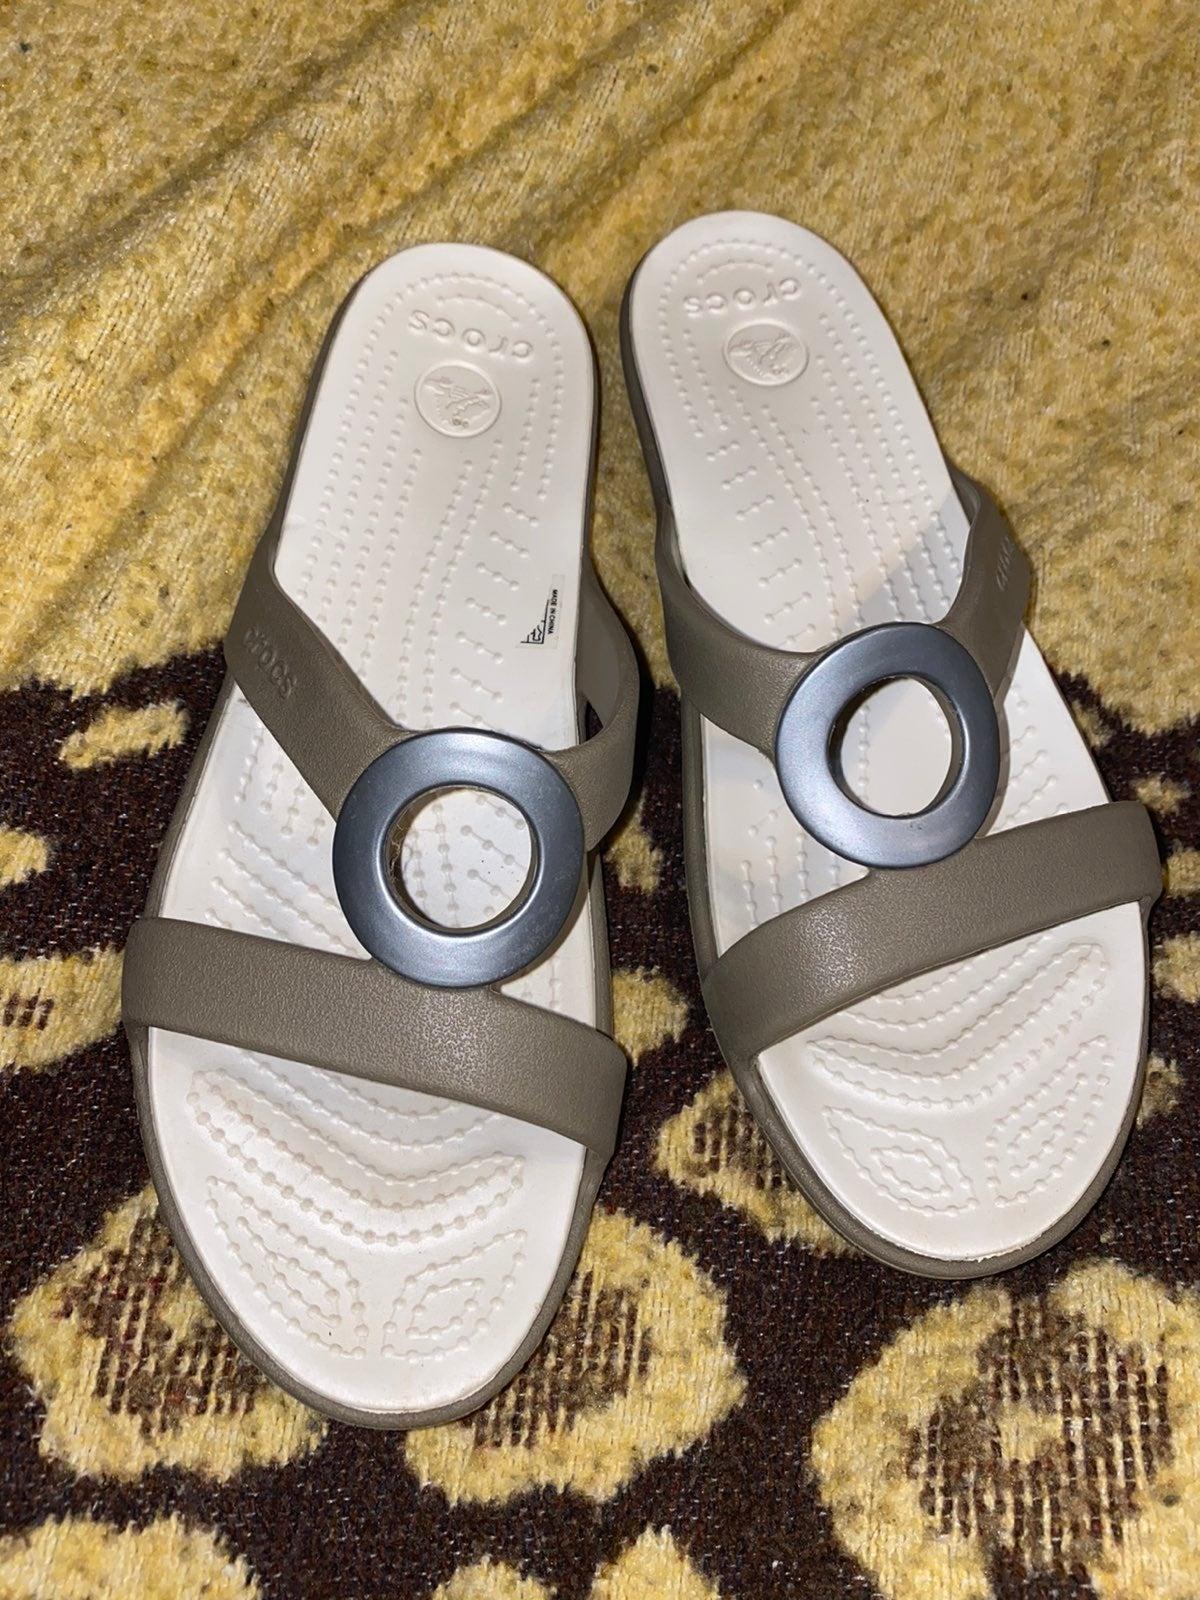 womens Crocs size 10